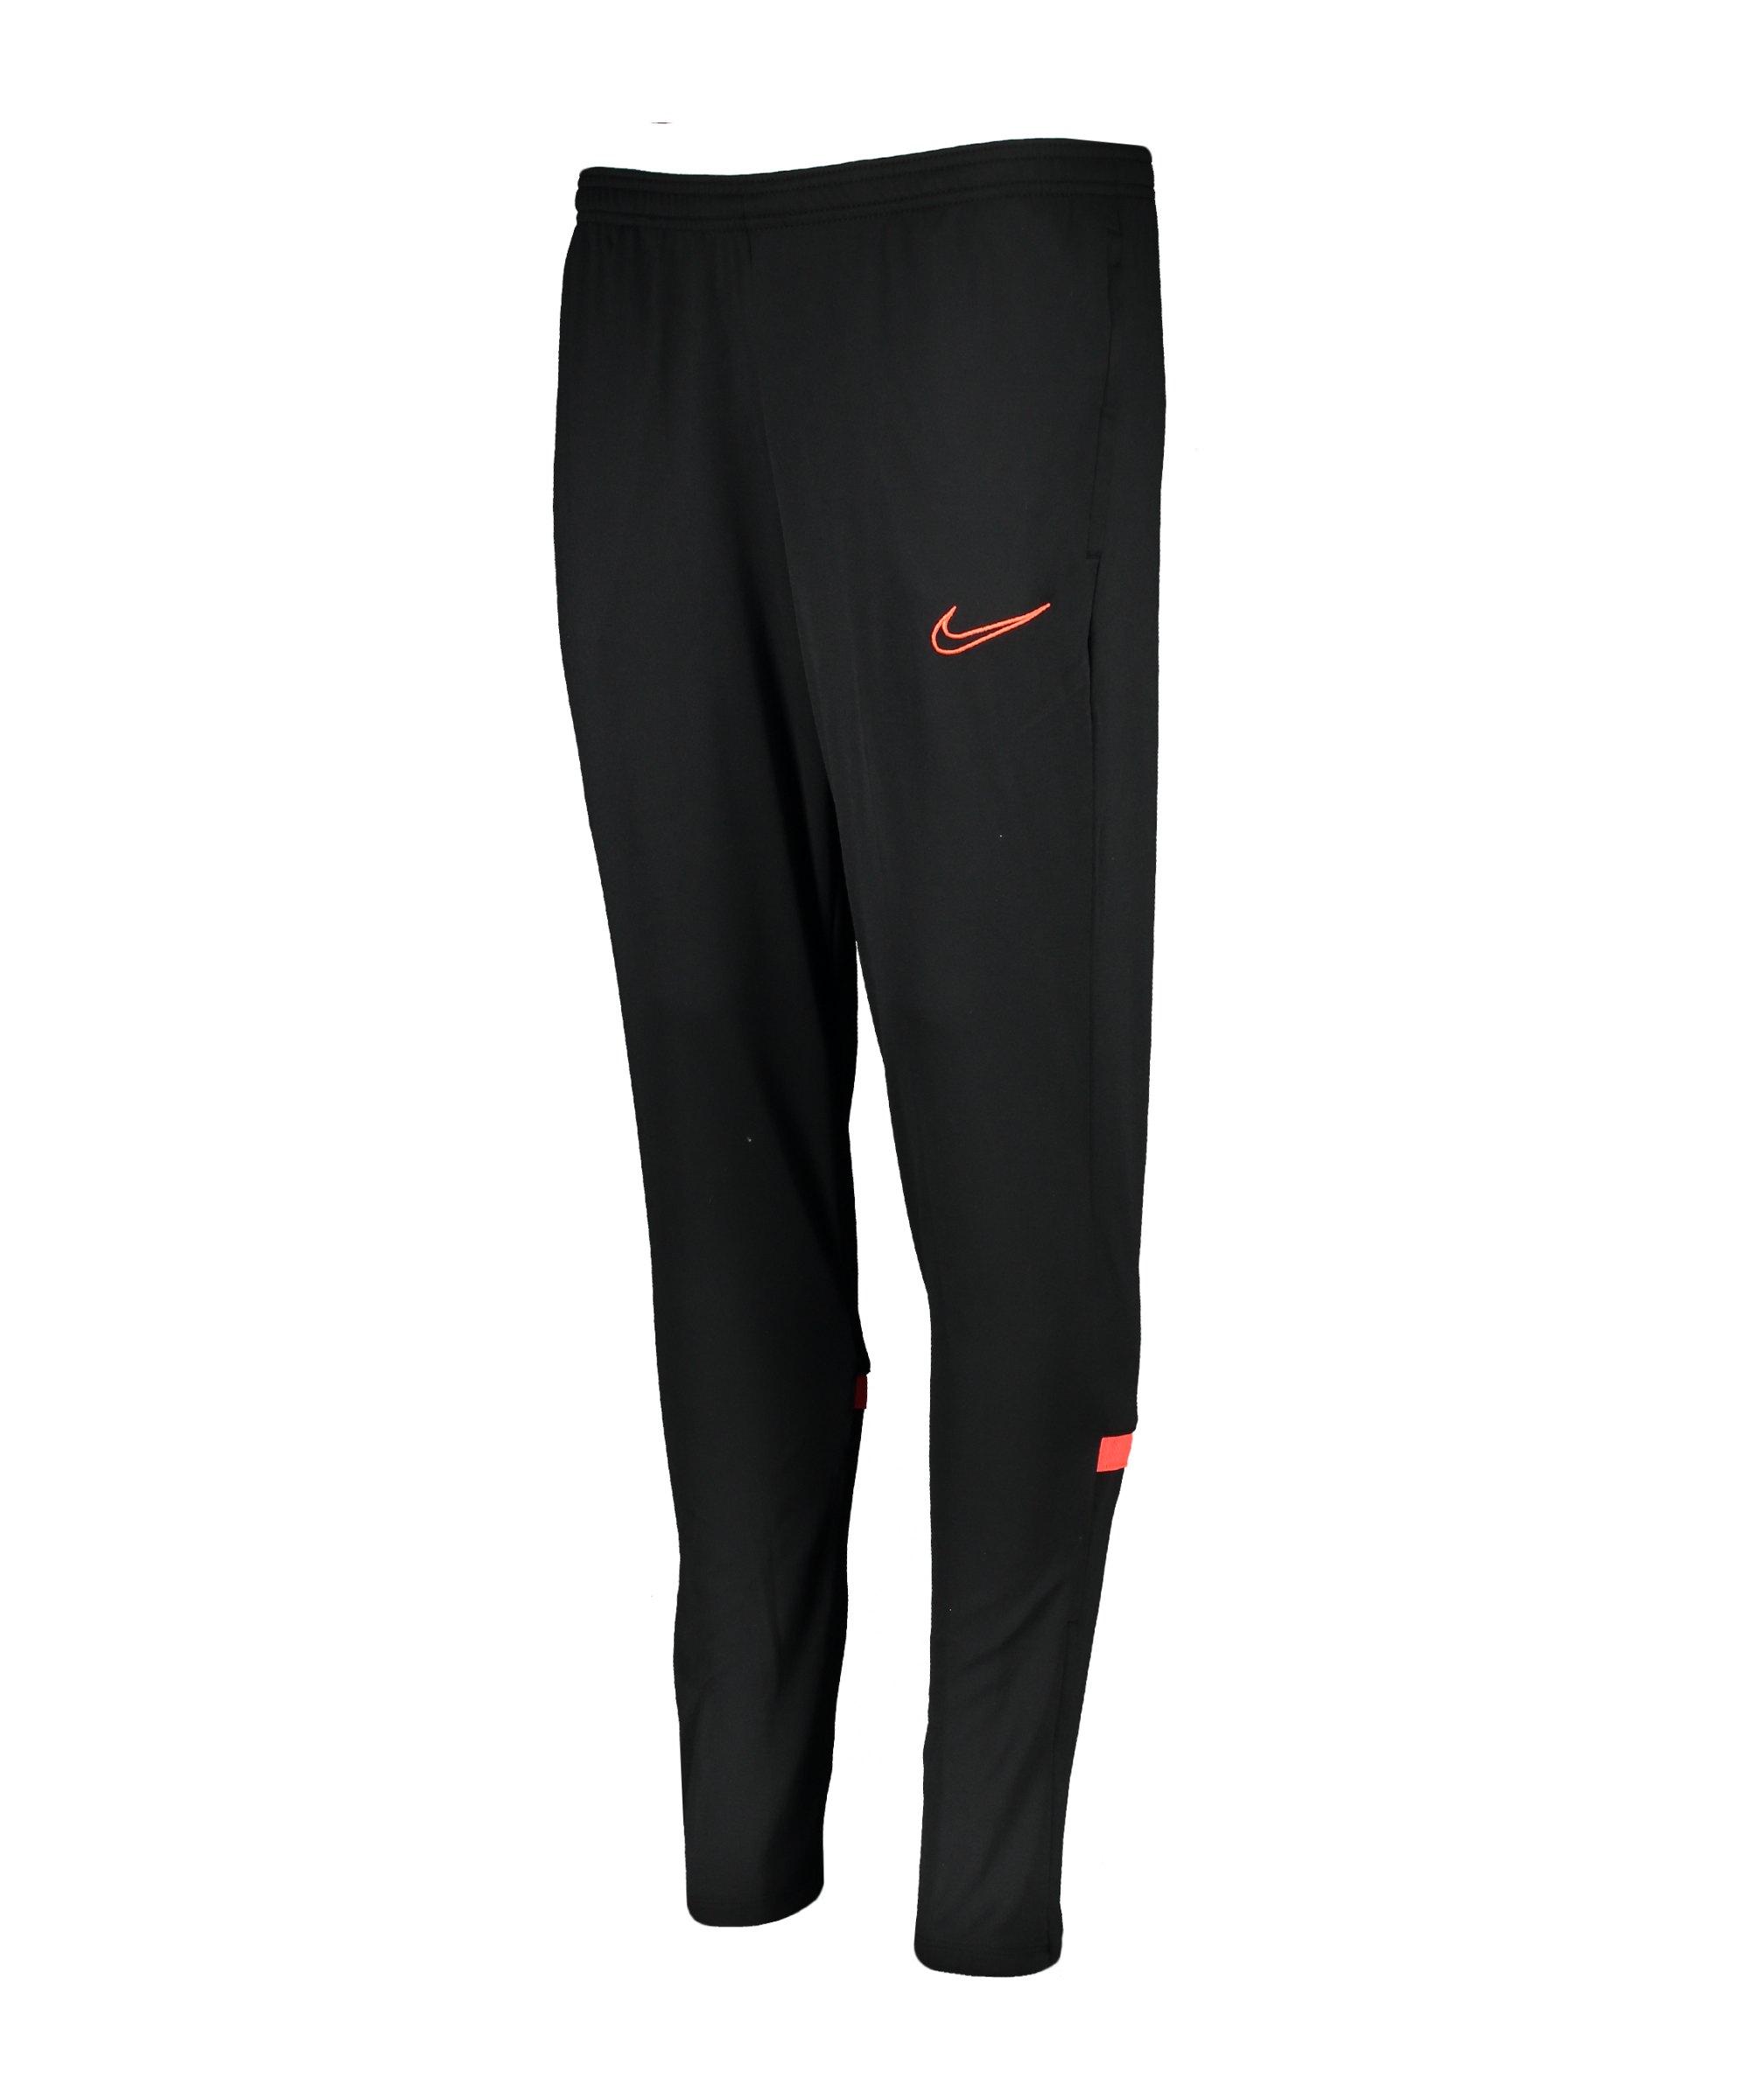 Nike Academy 21 Trainingshose Damen Schwarz F016 - schwarz